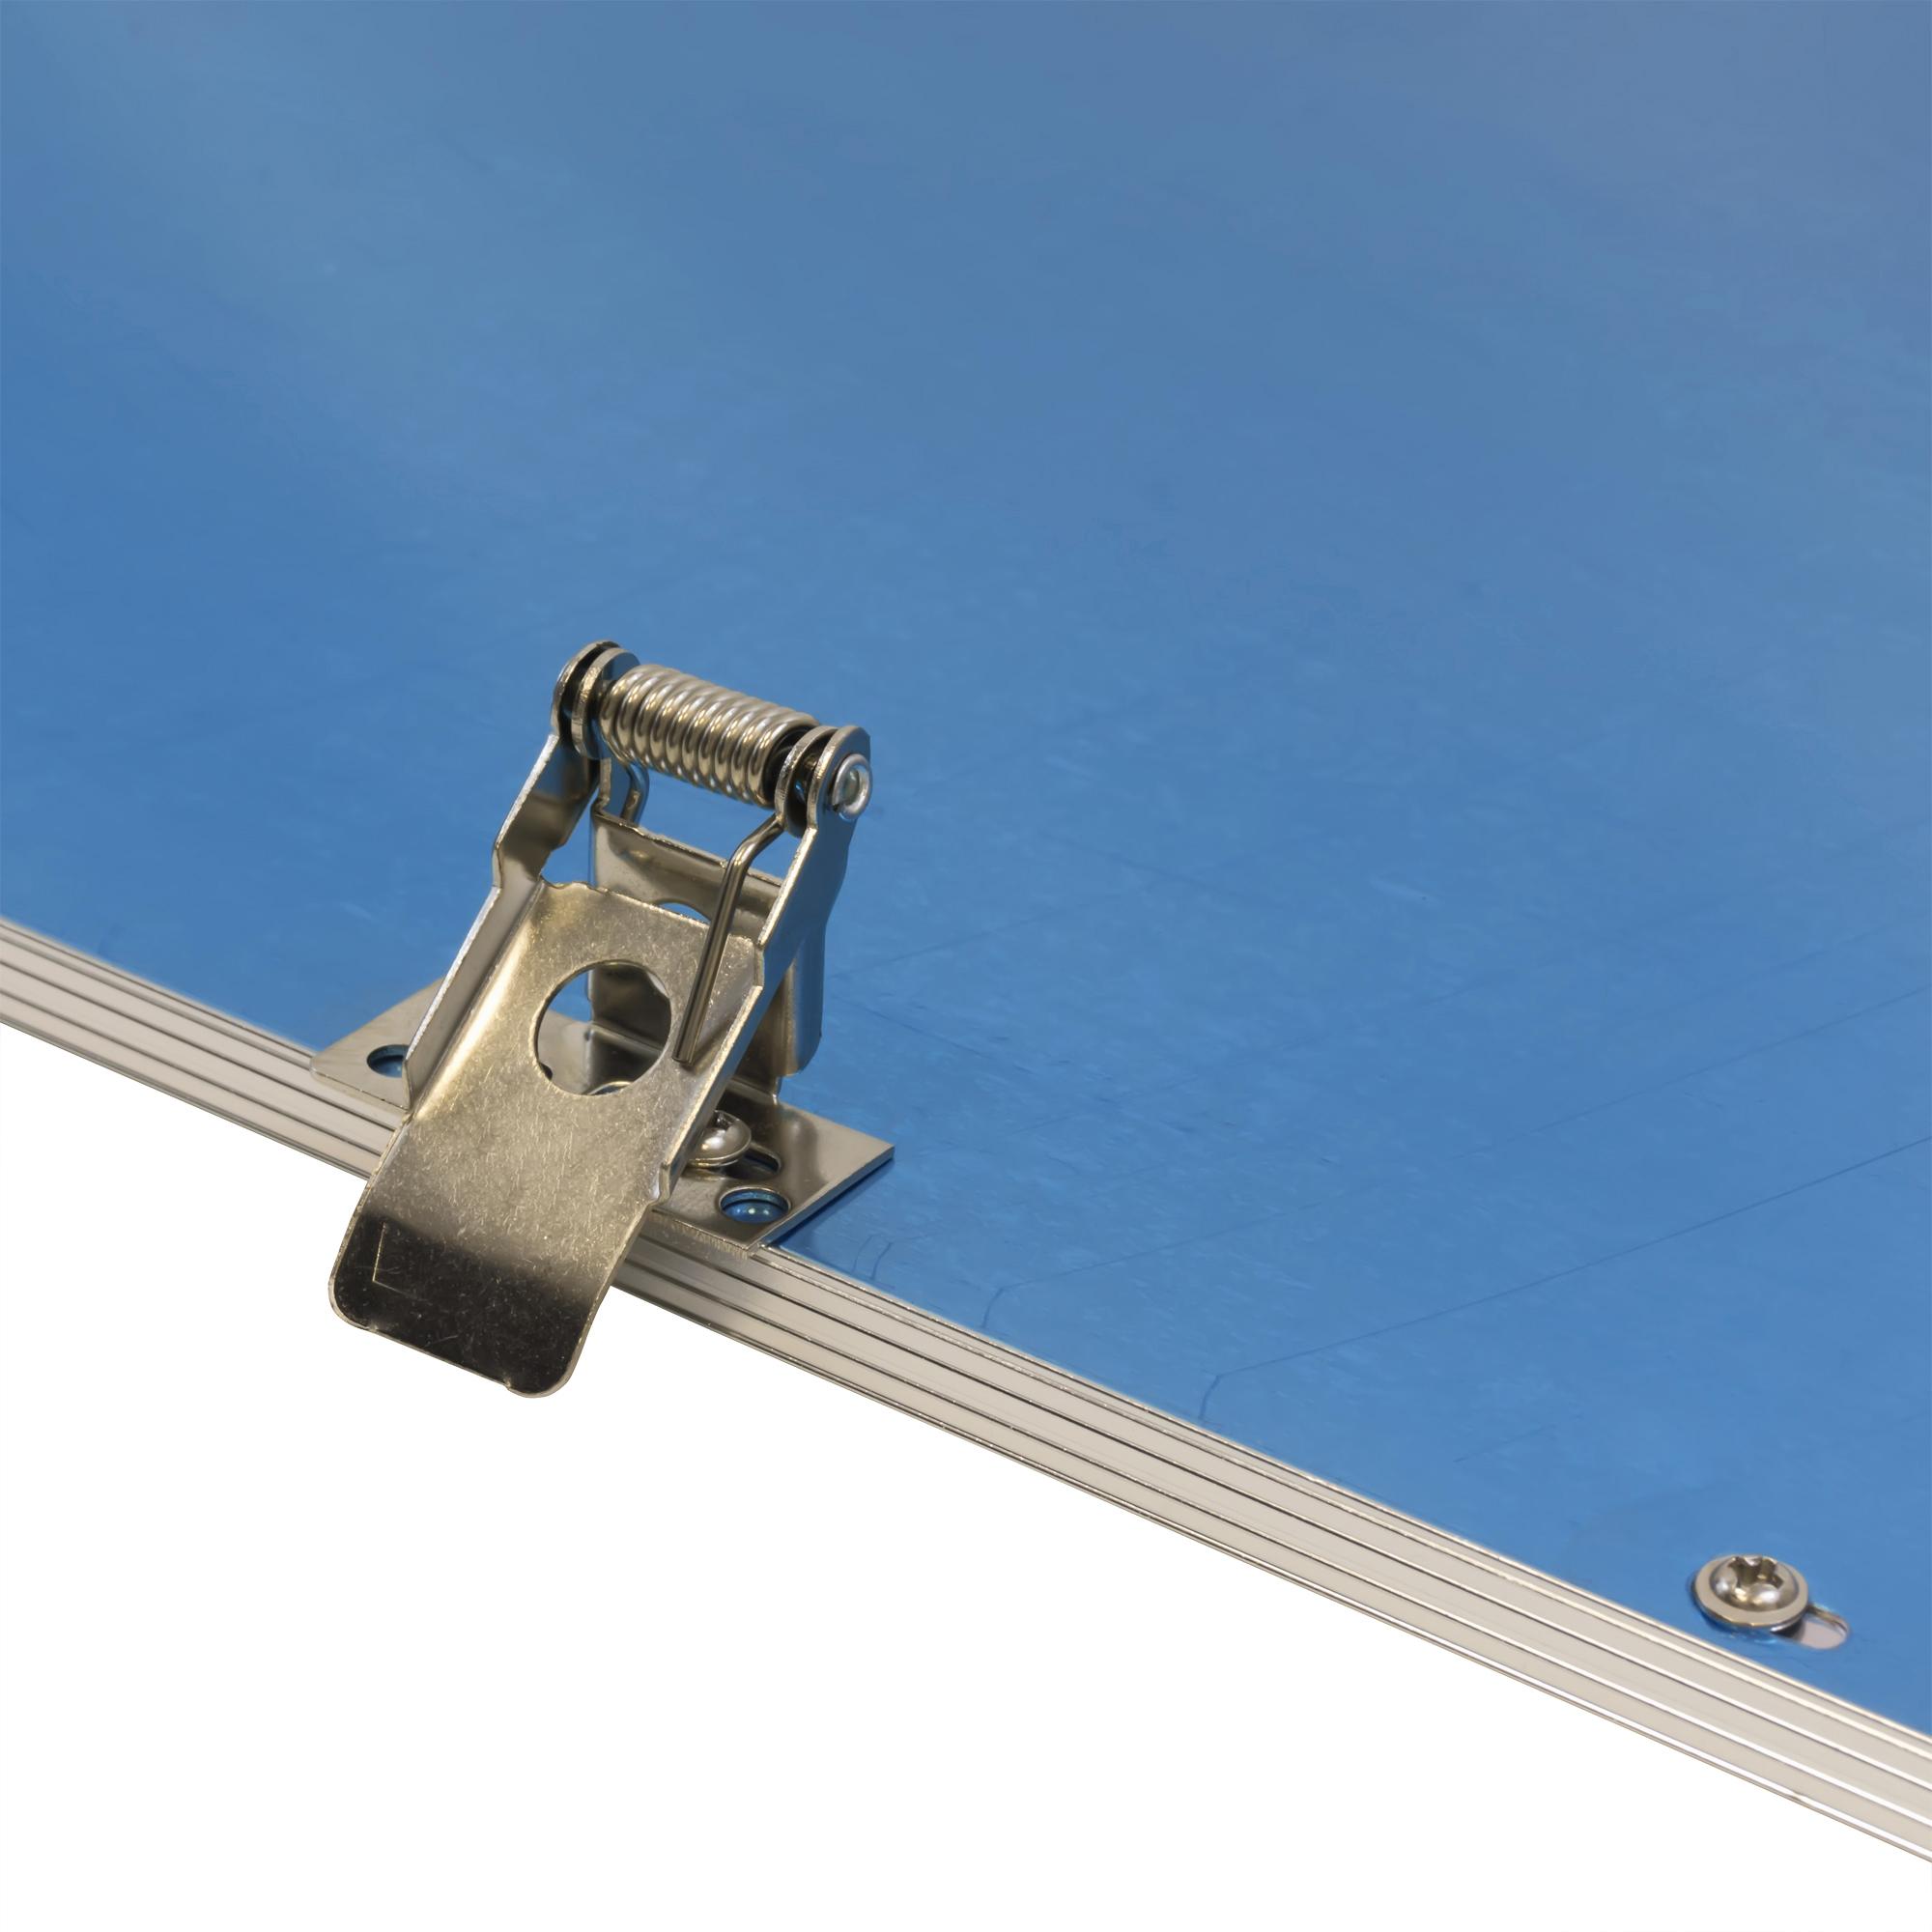 LEDVero 1er Set 120x60cm Ultraslim LED Panel 60W, 5700lm, 4500K Deckenleuchte mit Befestigungsclips und EMV2016 Trafo -Neutralweiß- Energieklasse A+